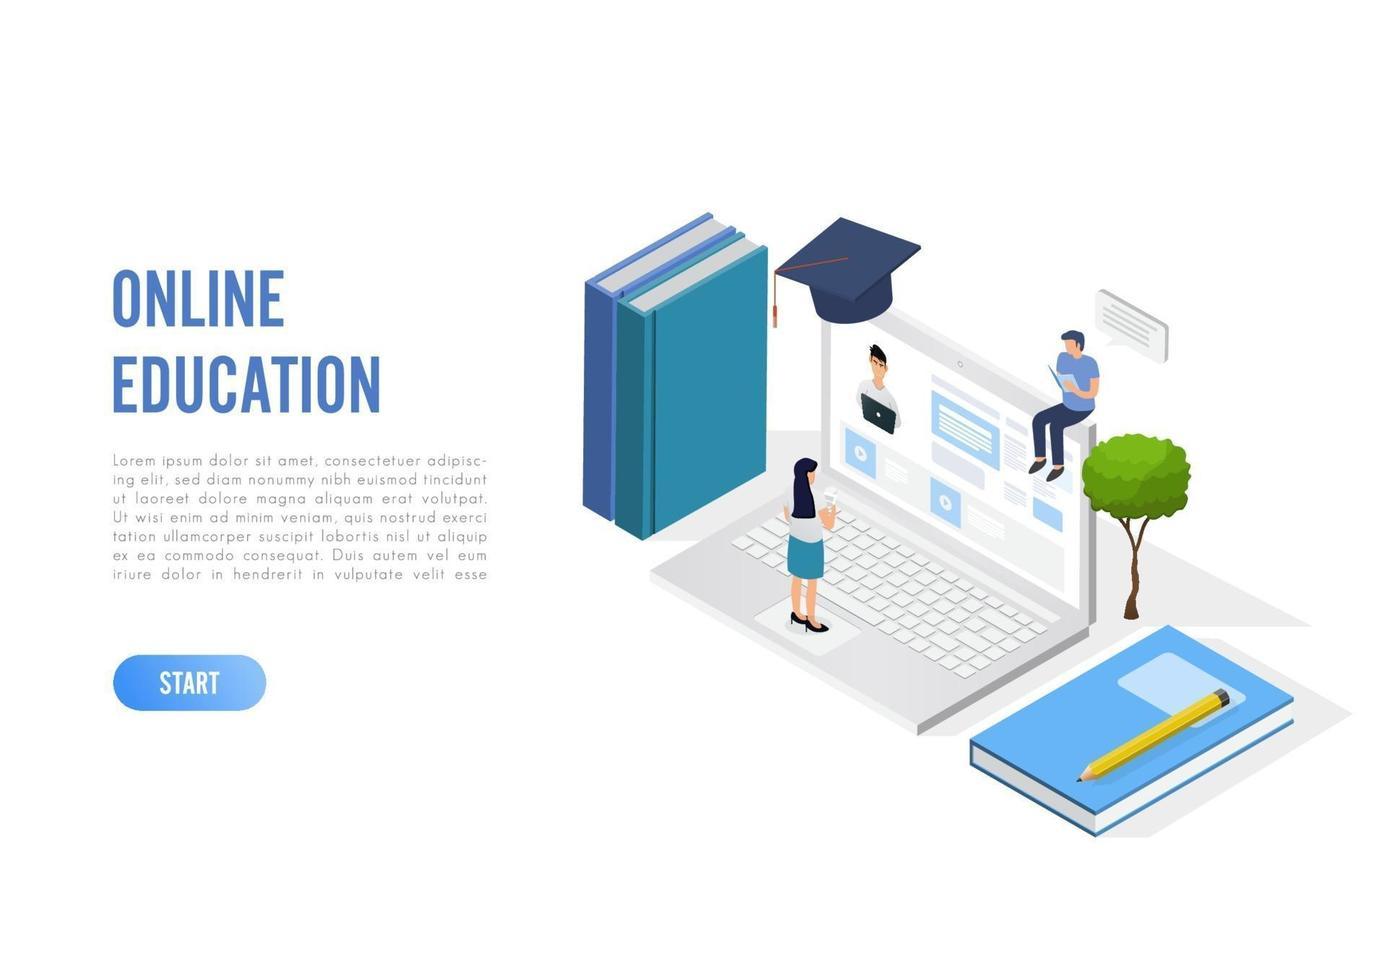 Banner de concepto de educación en línea con personajes. Puede utilizar para banner web, infografías, imágenes de héroes. ilustración vectorial isométrica plana aislada sobre fondo blanco. vector